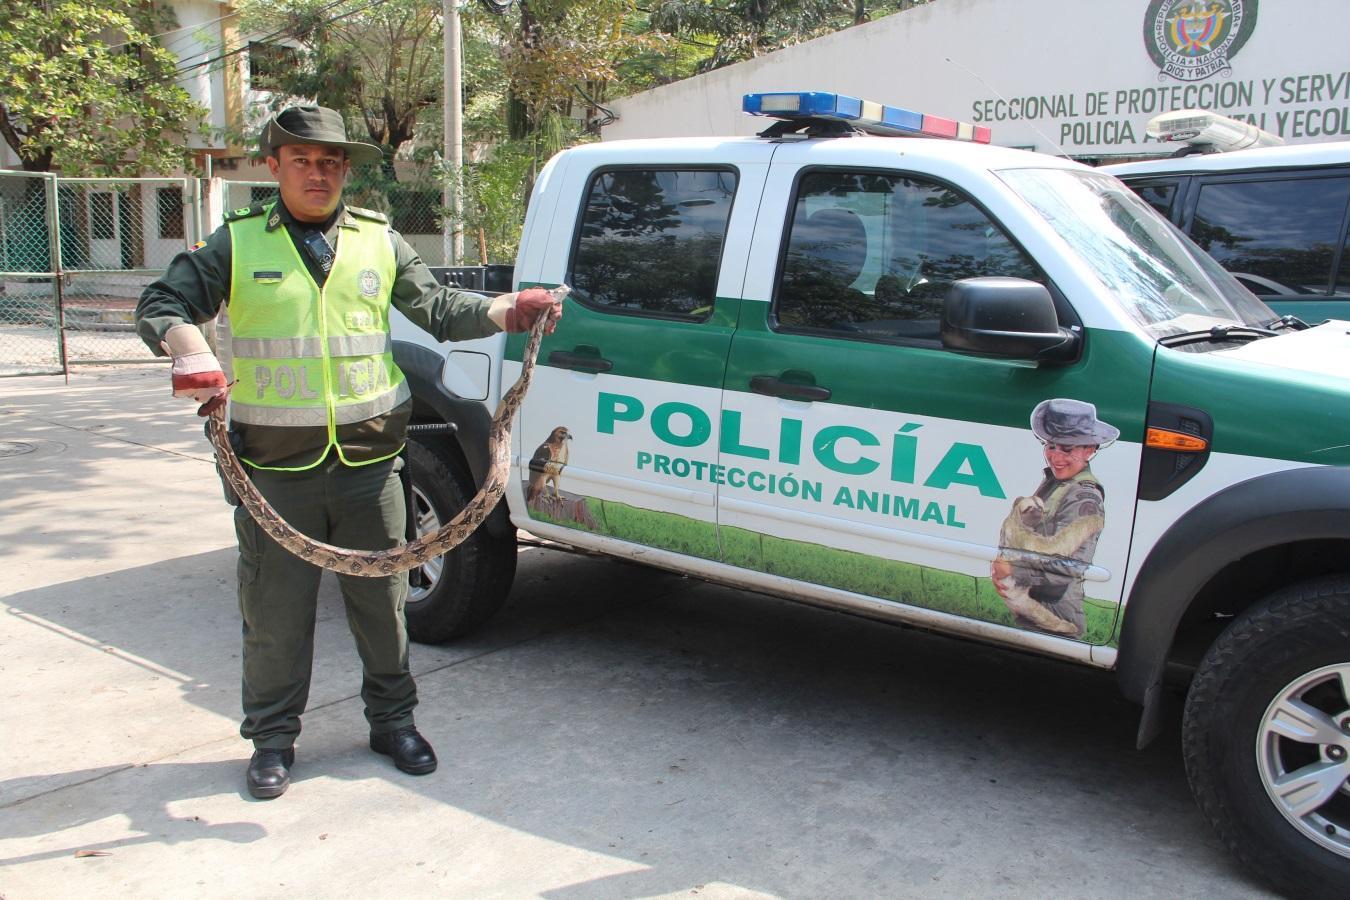 C:UsersFundación GuardeamDesktopPERI-ECOECO- BQTO N° 10 LOS RETOS AMBIENTALES DE LA NUEVA GOBERNADORAfoto 7 patrulla de proteccion ambiental.JPG